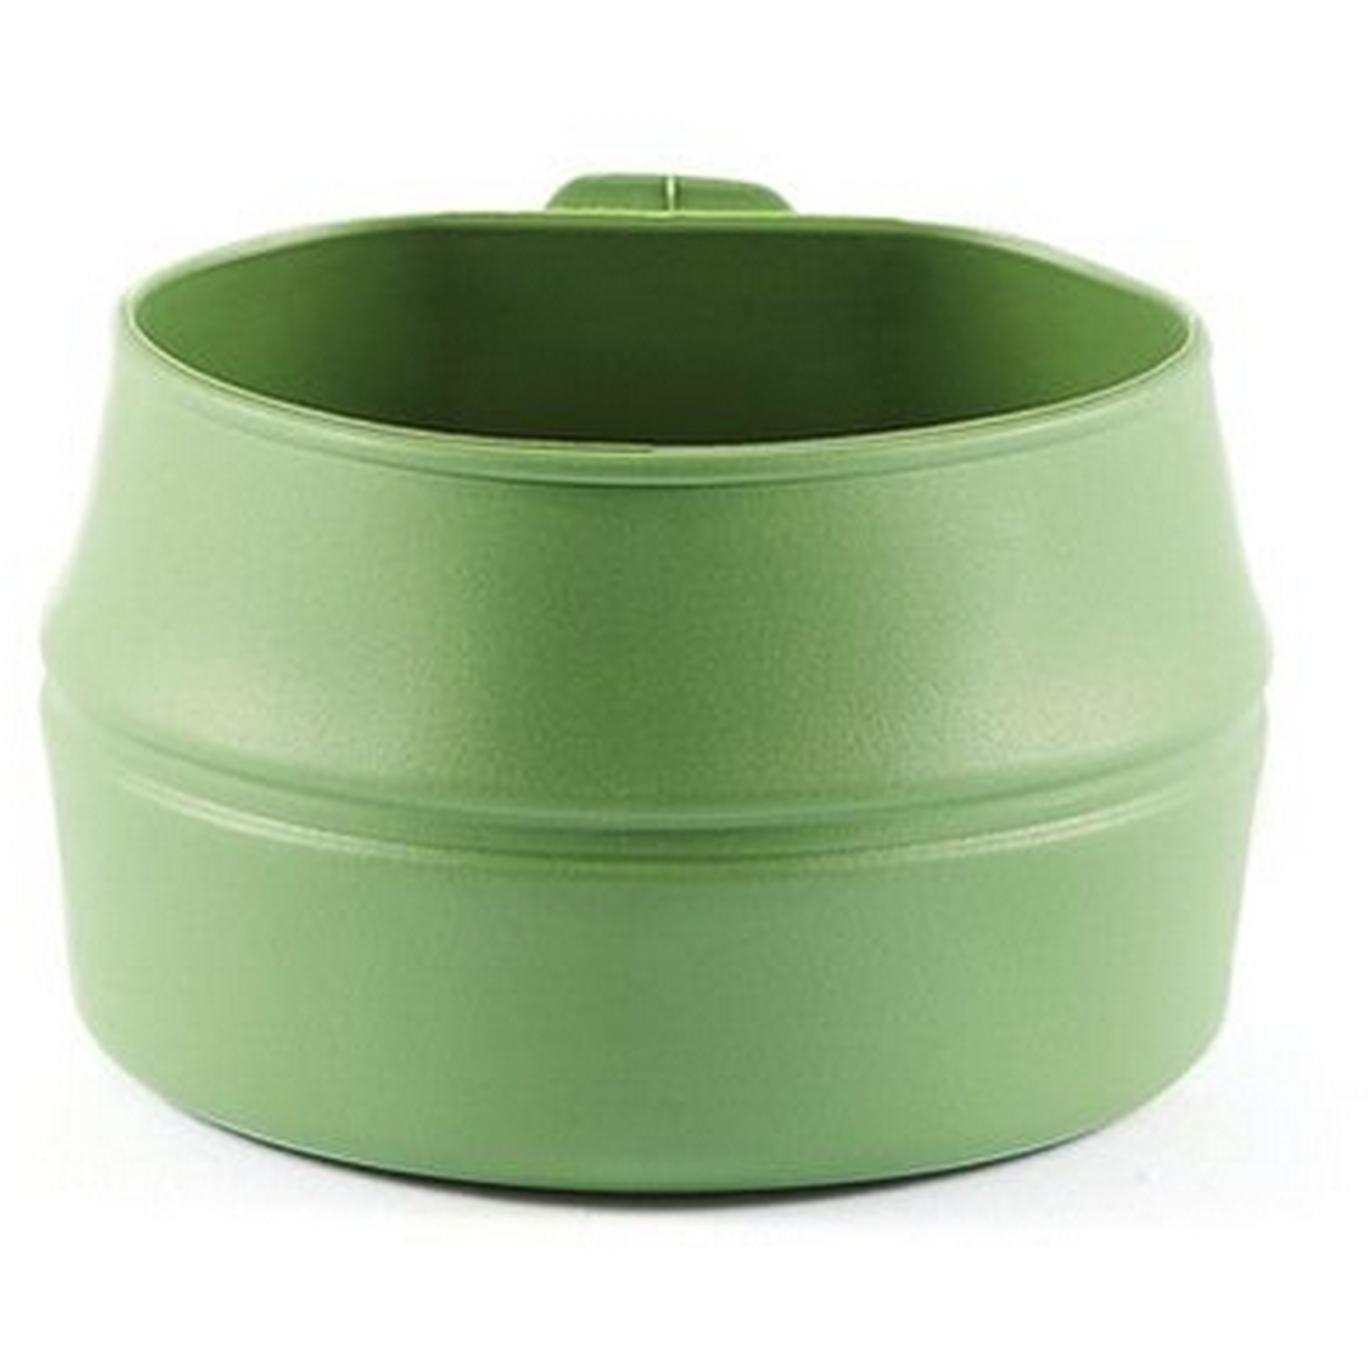 Produktbild von Wildo Fold-A-Cup Green Falttasse - Sugarcane